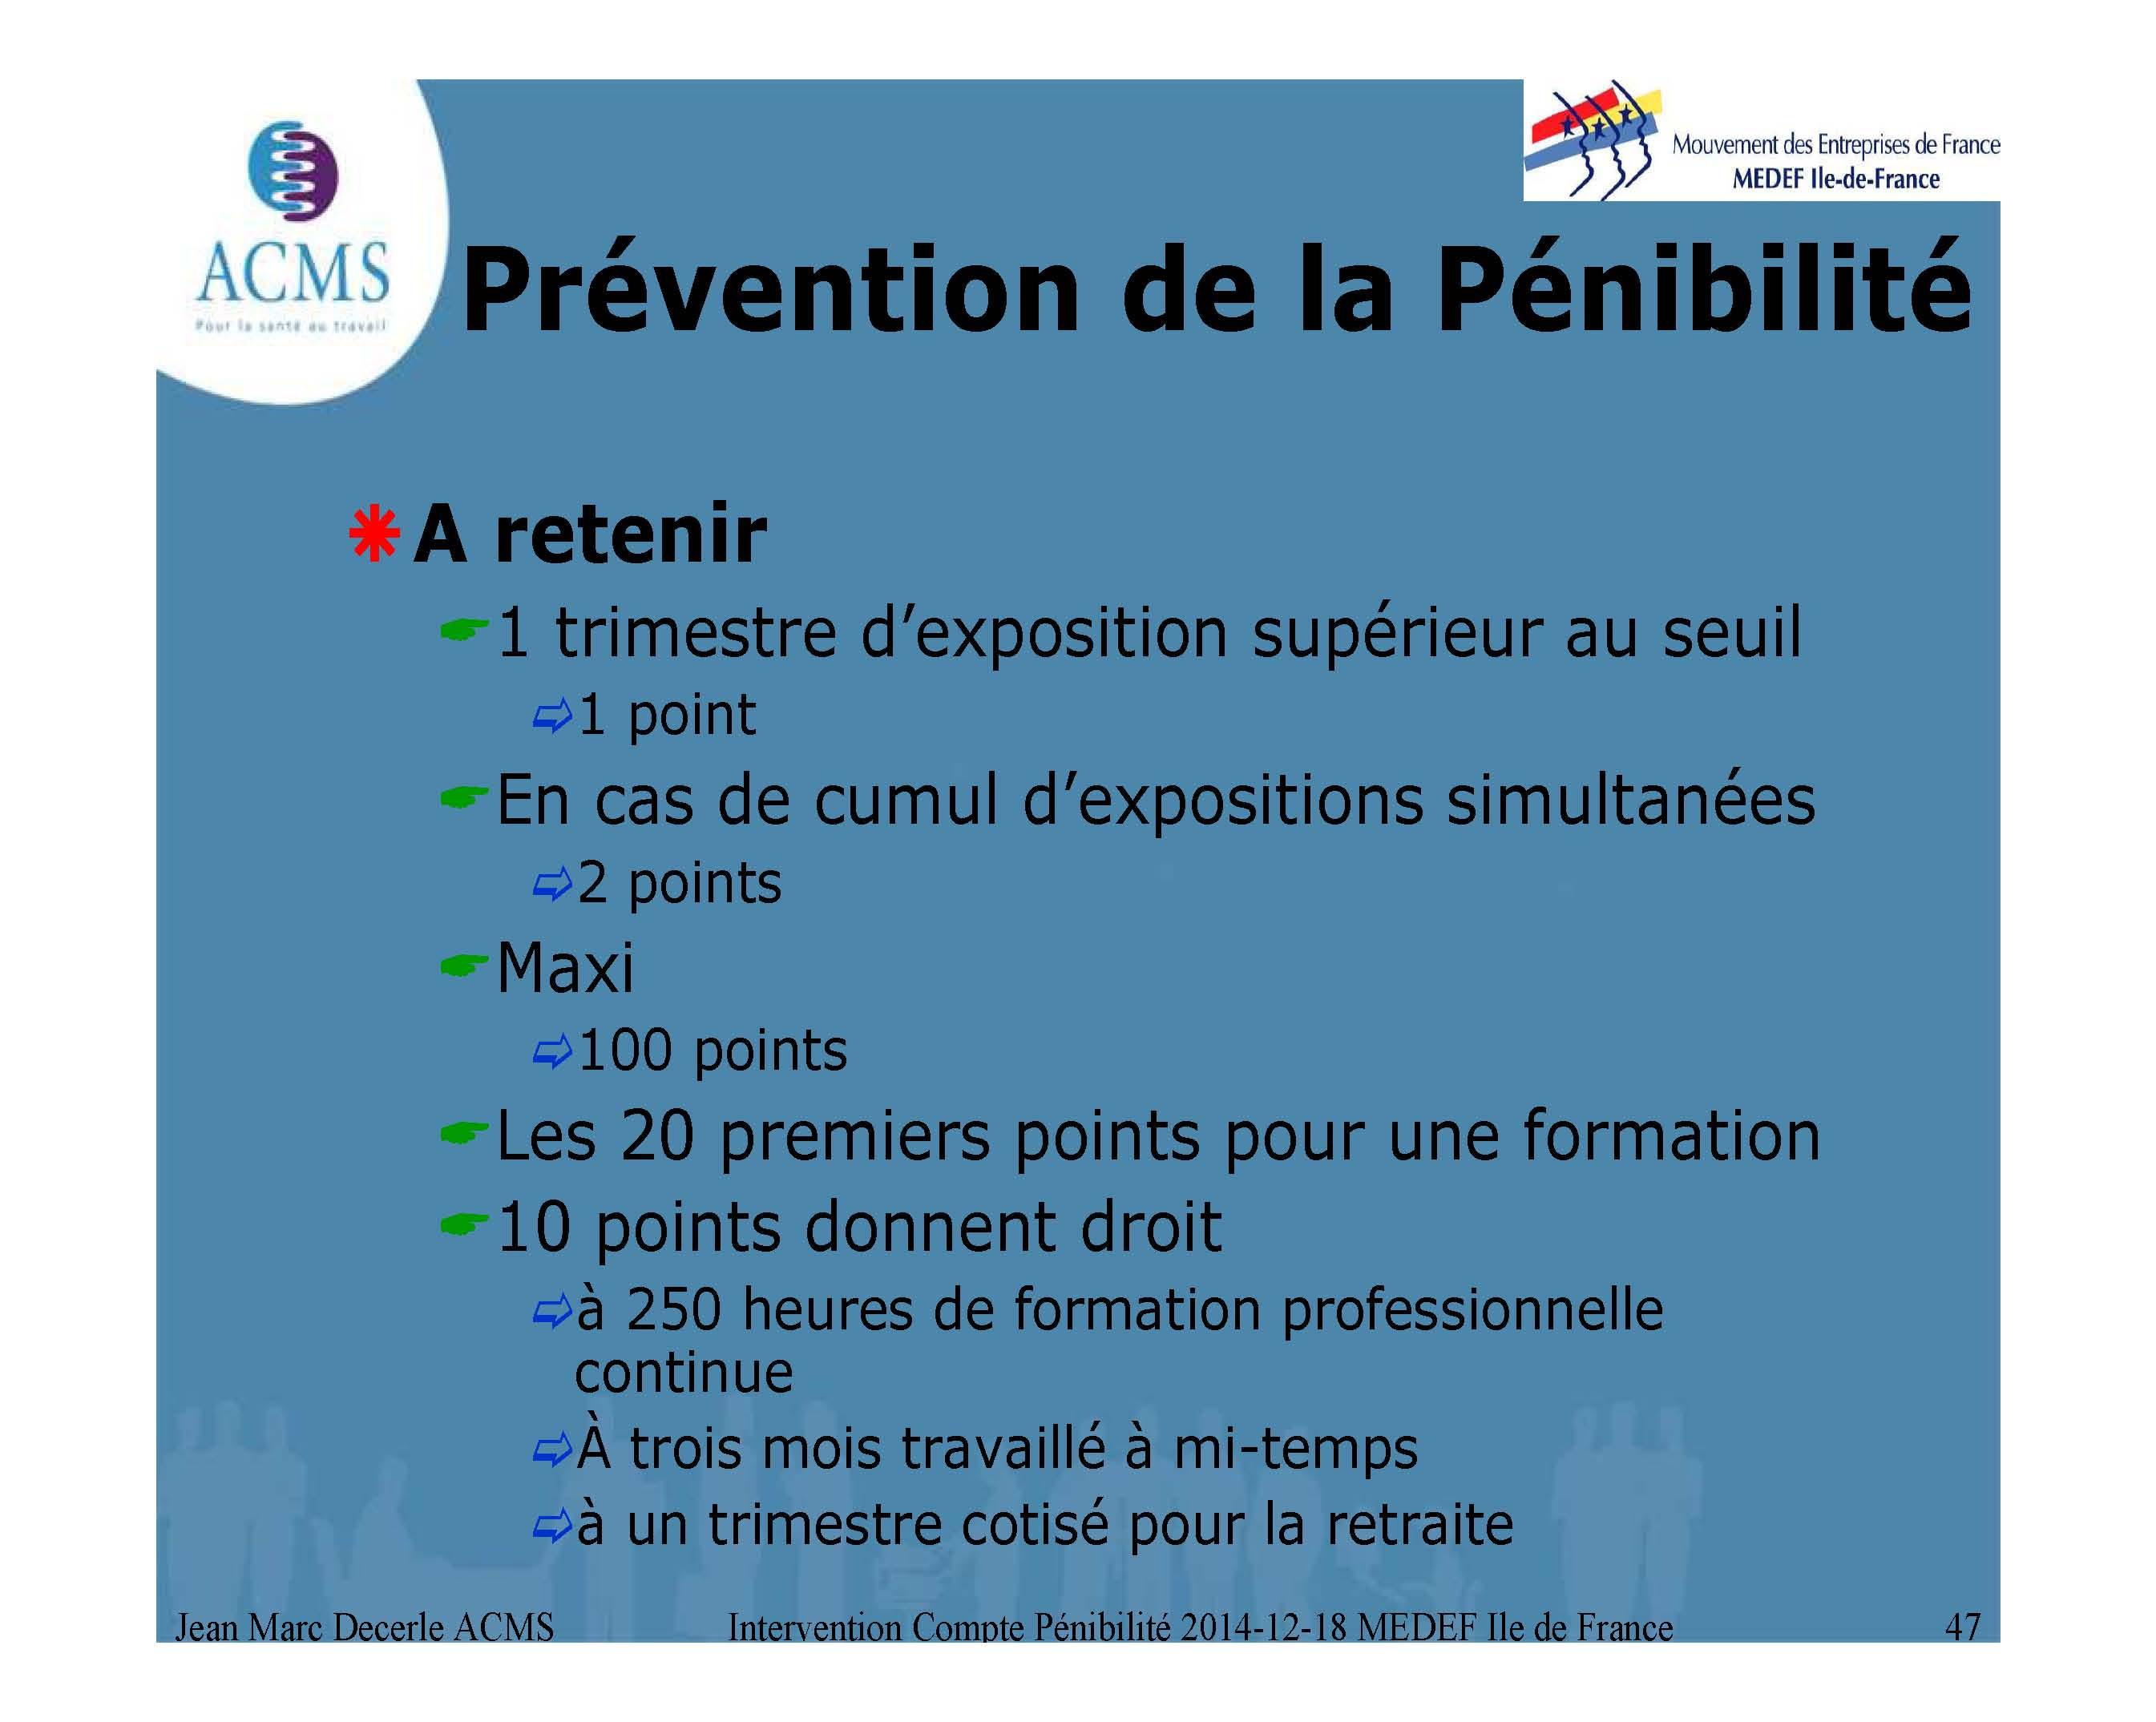 2014-12-18 Compte Pénibilite MEDEF Ile de France_Page_47